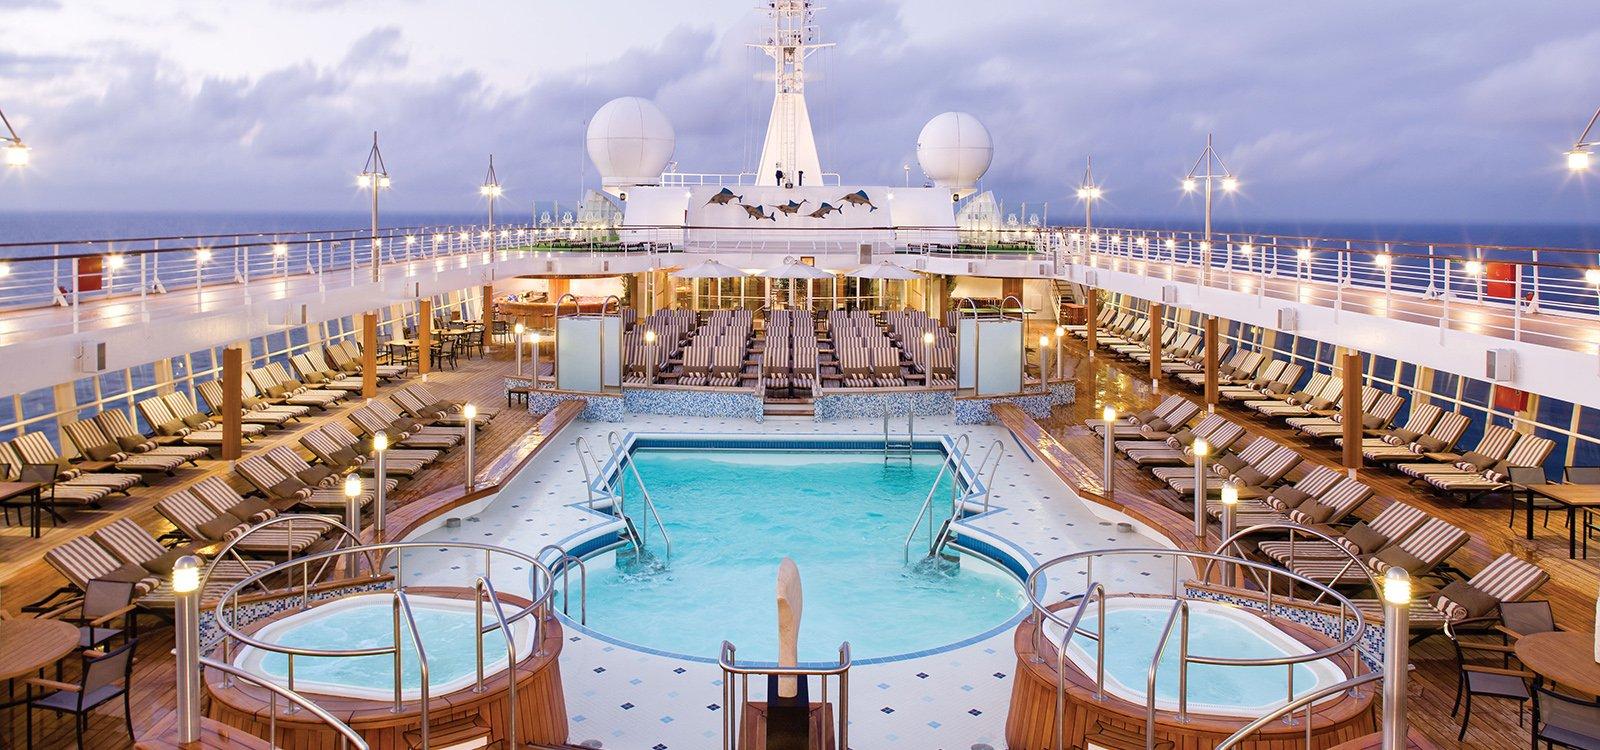 Seven Seas Explorer, el crucero más lujoso del mundo que navega por el Mediterráneo